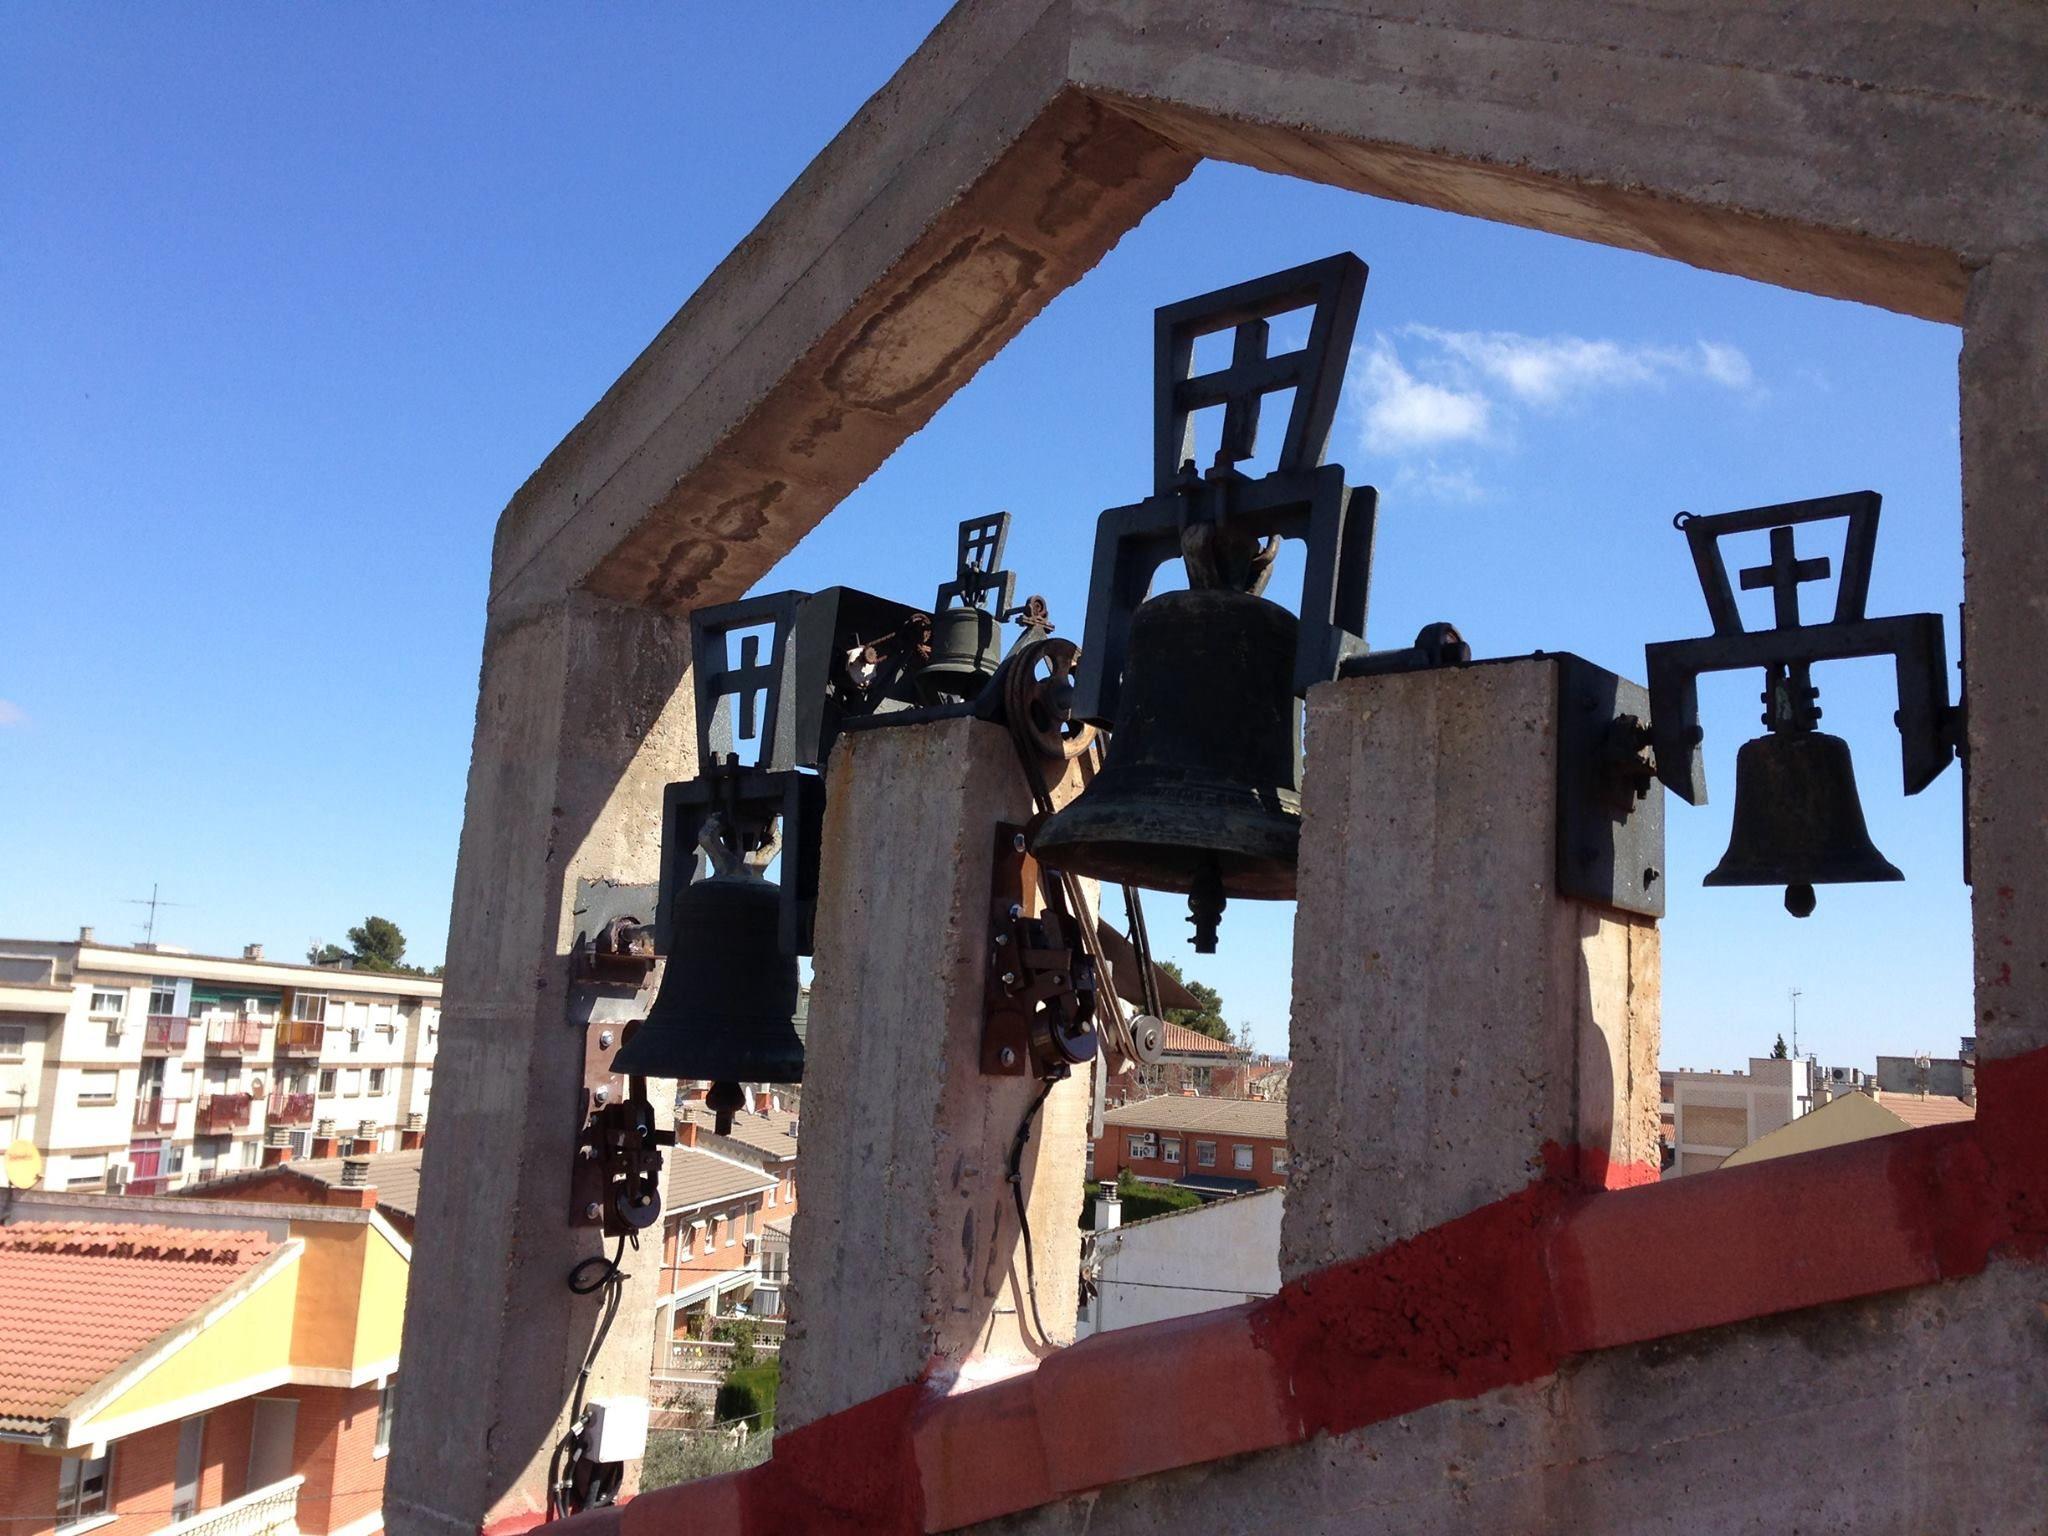 Reparación de campanas de iglesia Zaragoza